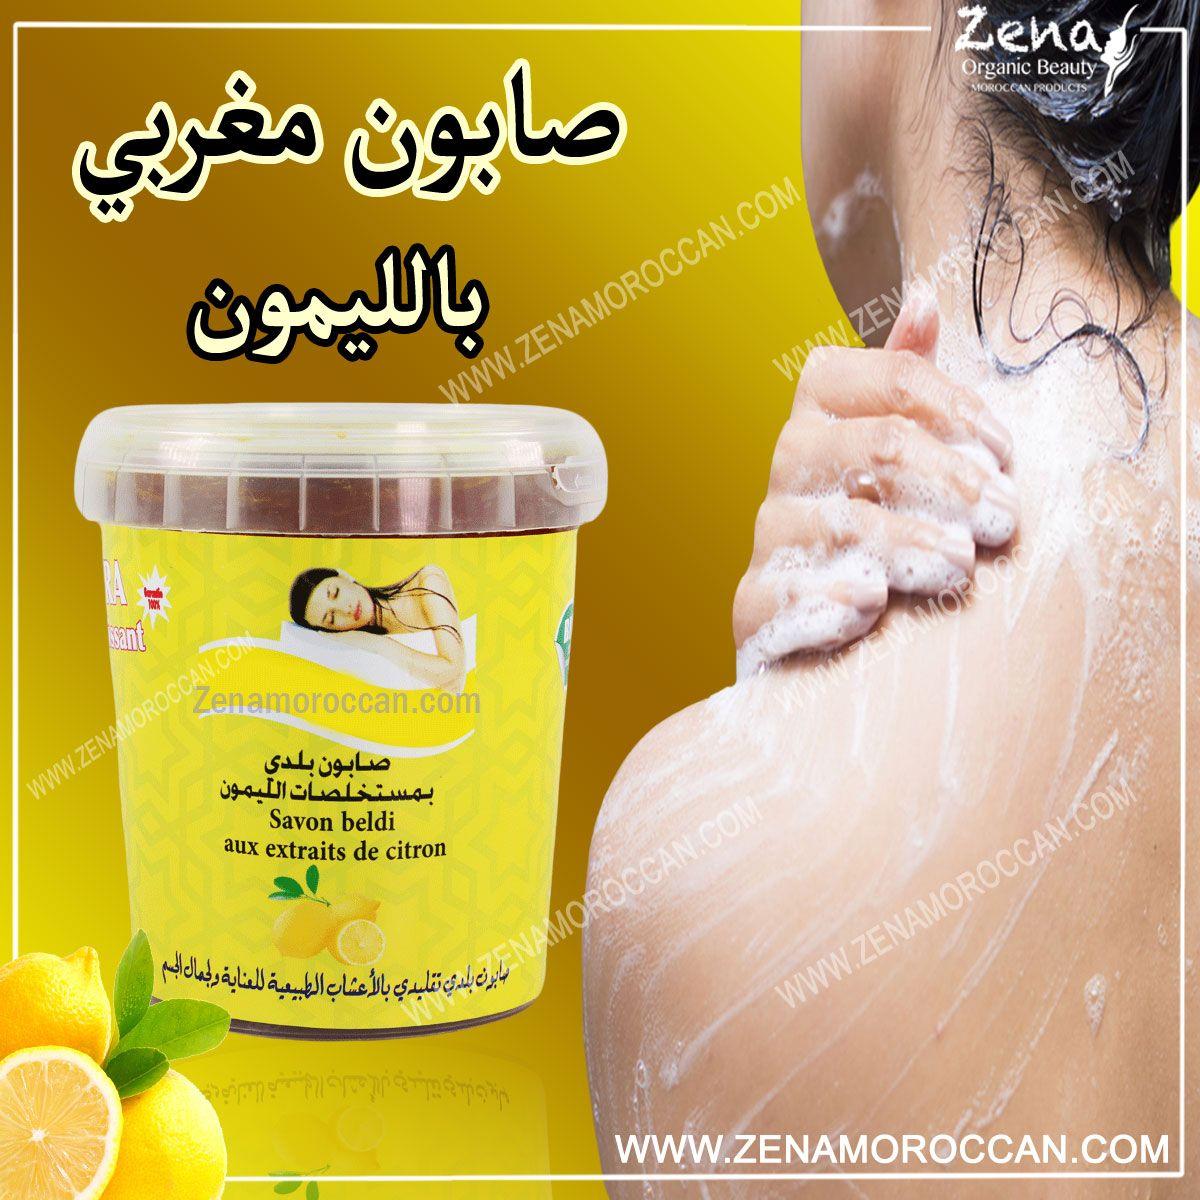 صابون مغربي بالليمون Soap Organic Beauty Soap Bottle